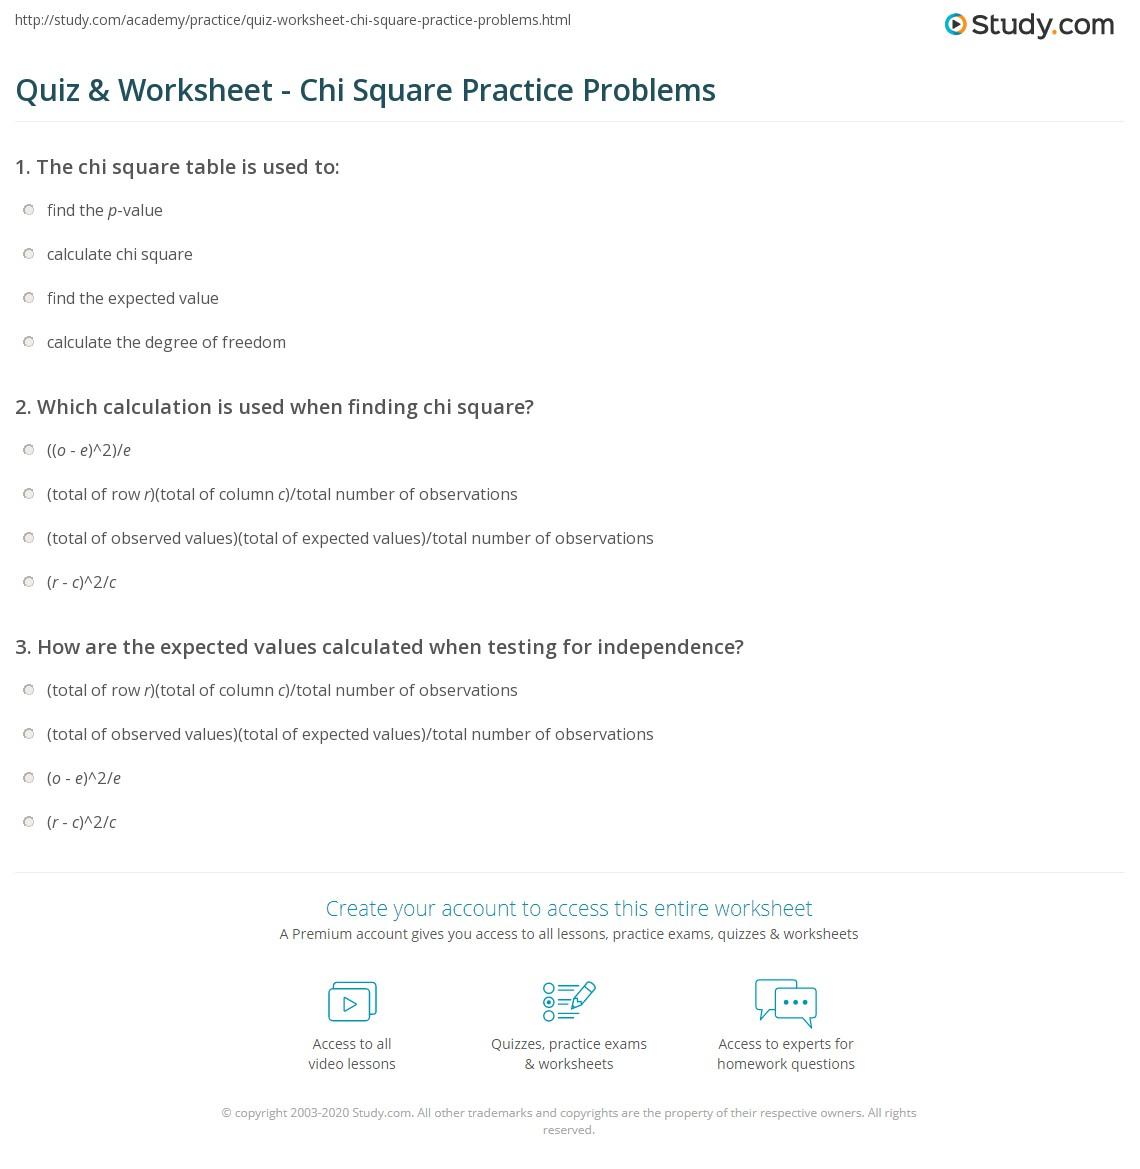 quiz worksheet chi square practice problems. Black Bedroom Furniture Sets. Home Design Ideas